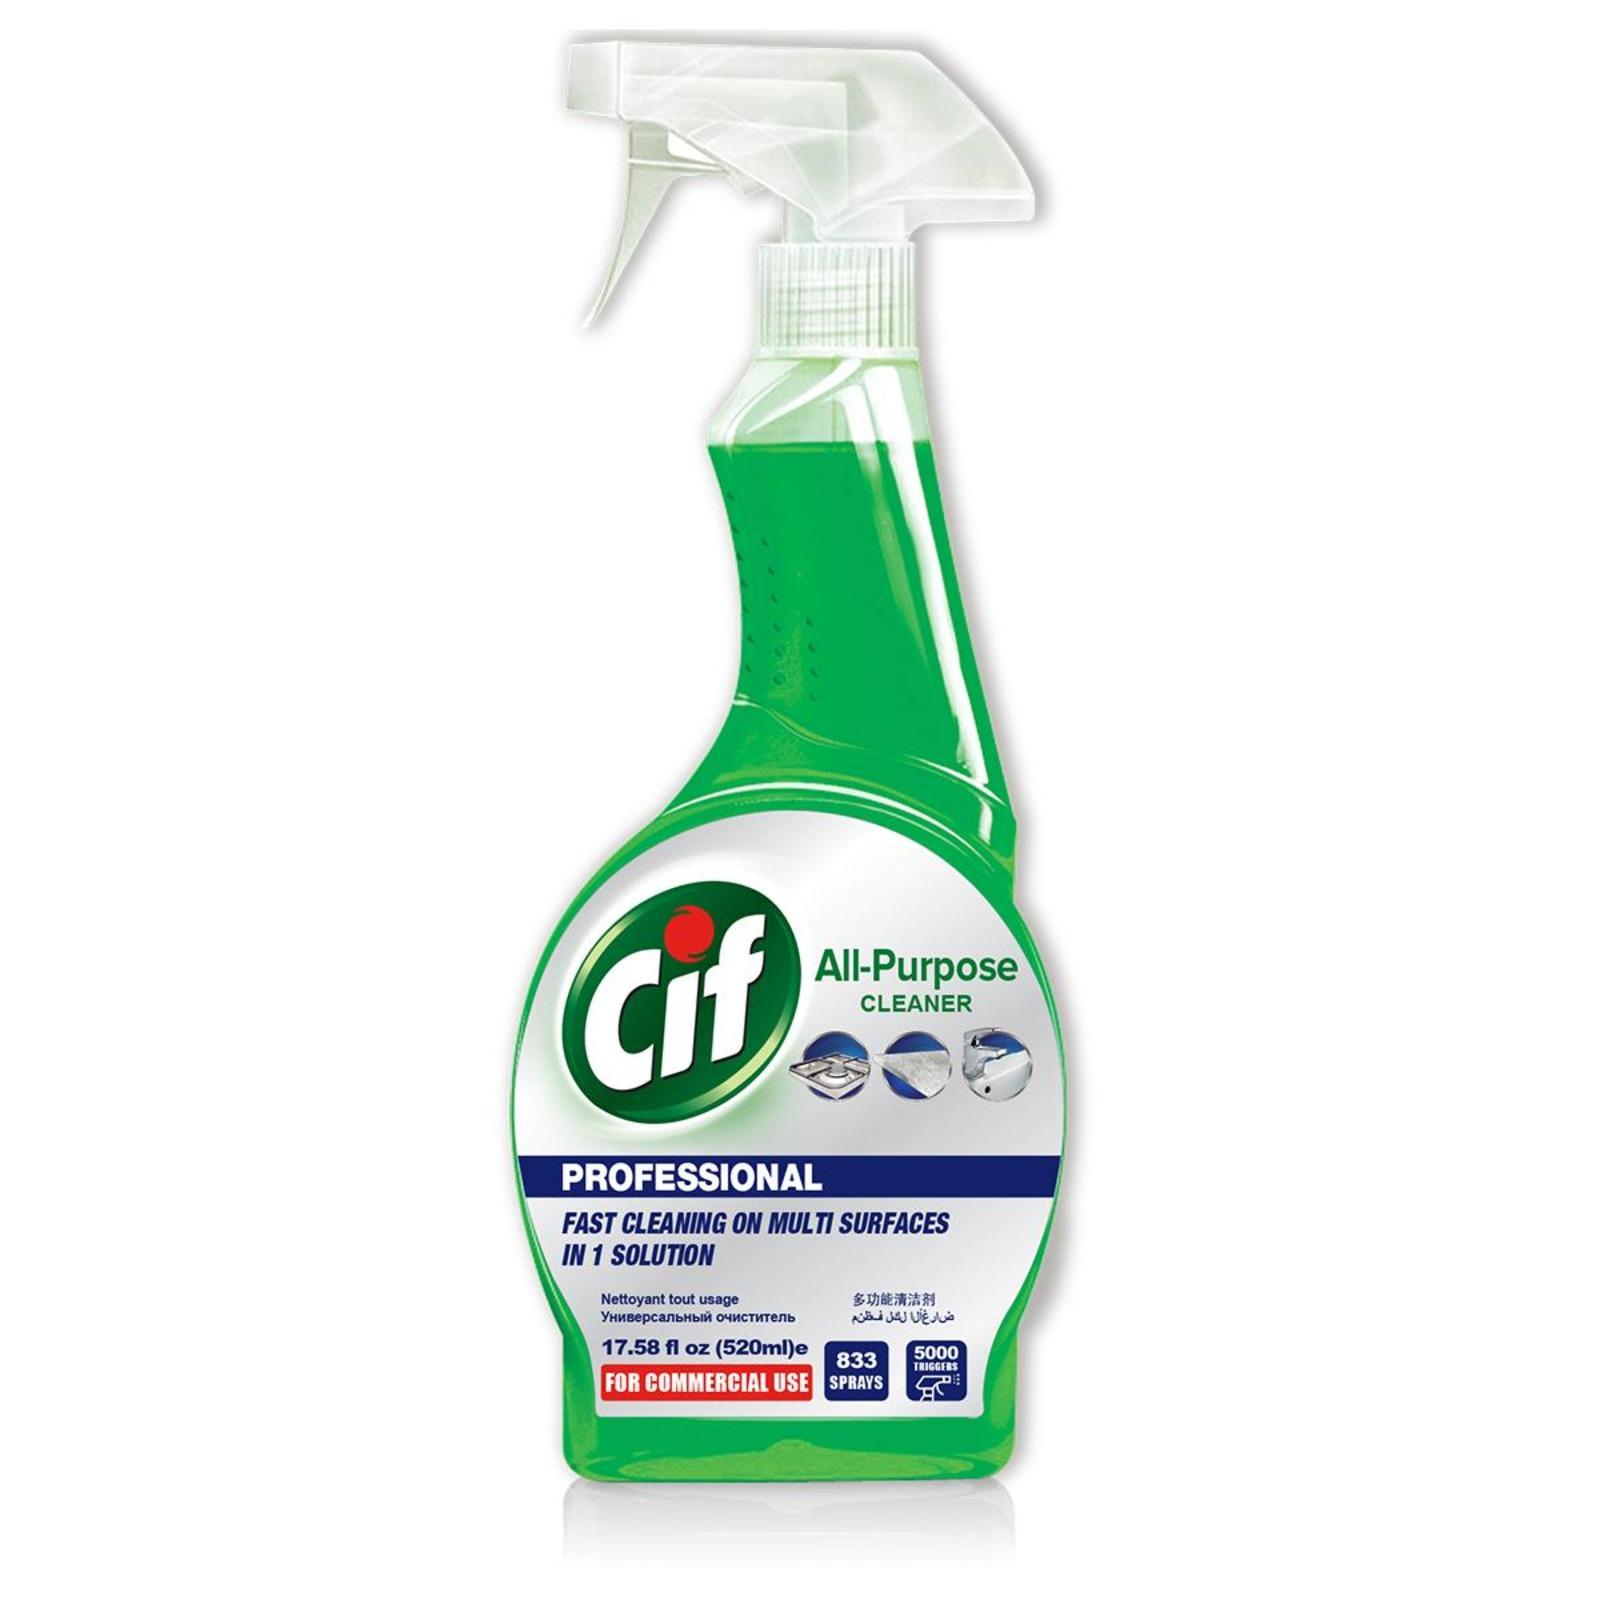 UNILEVER UL-APC-520ML CIF PRO ANTI-BAC ALL-PURPOSE CLEANER